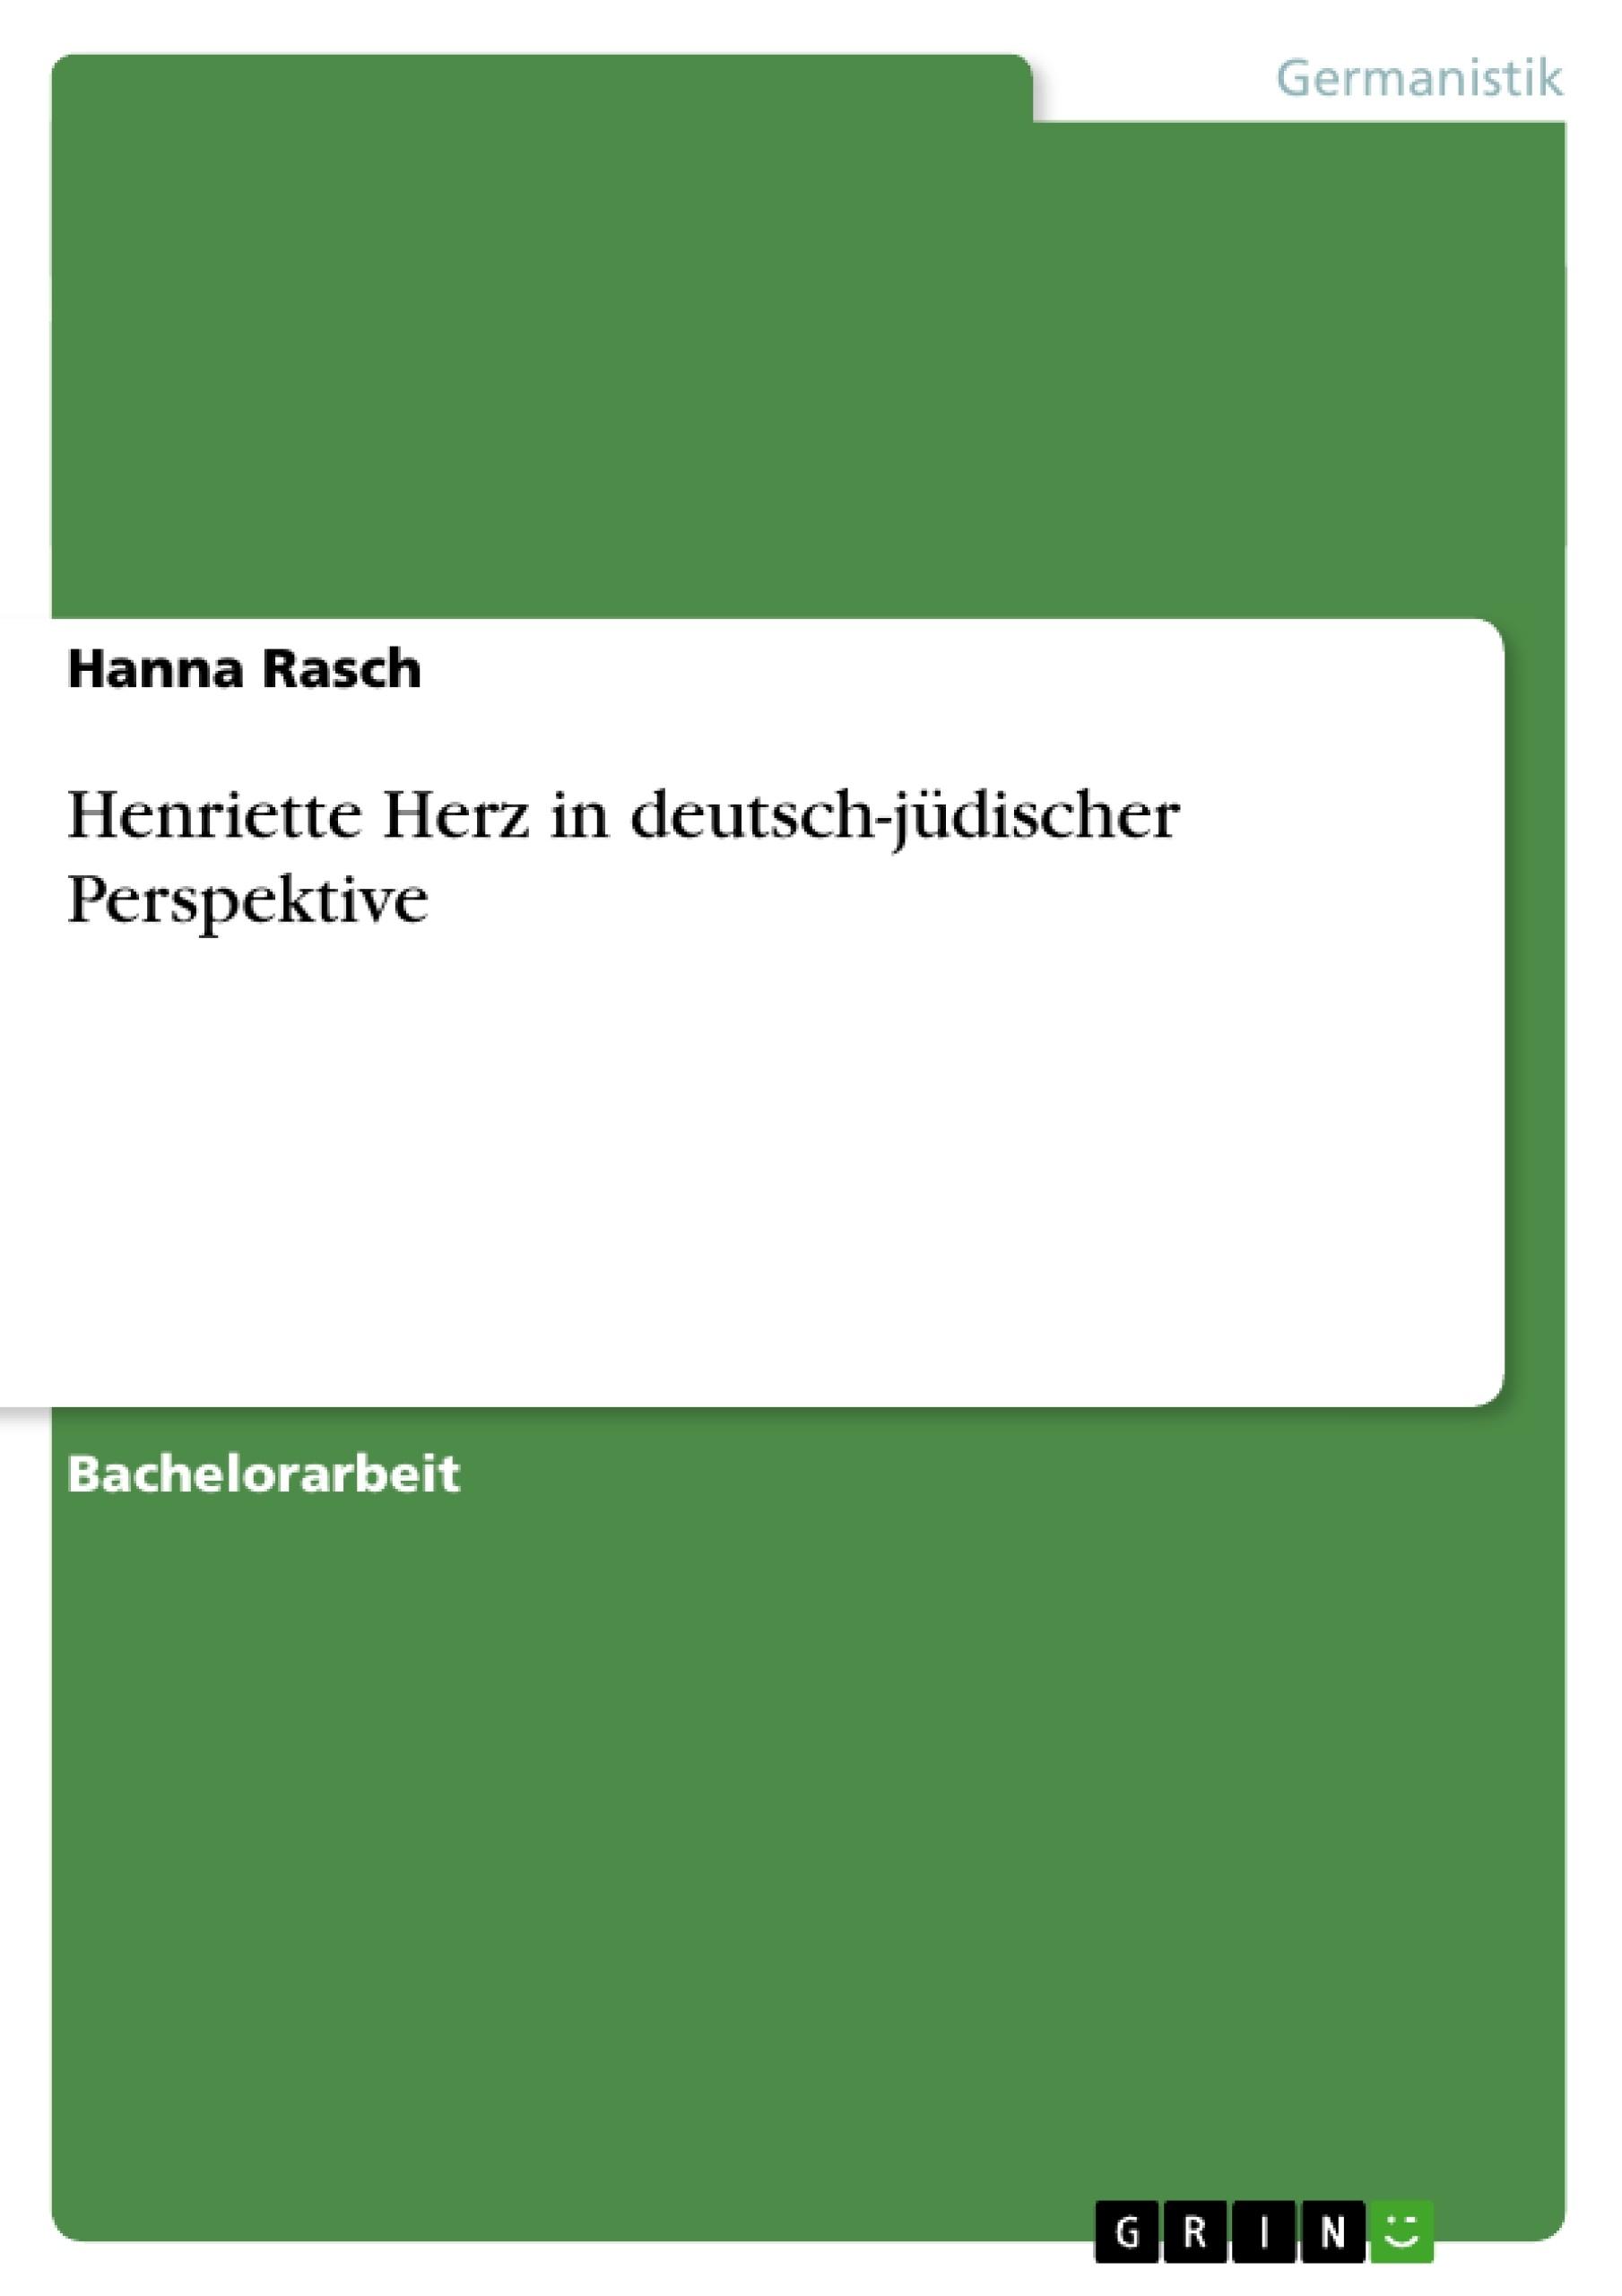 Titel: Henriette Herz in deutsch-jüdischer Perspektive